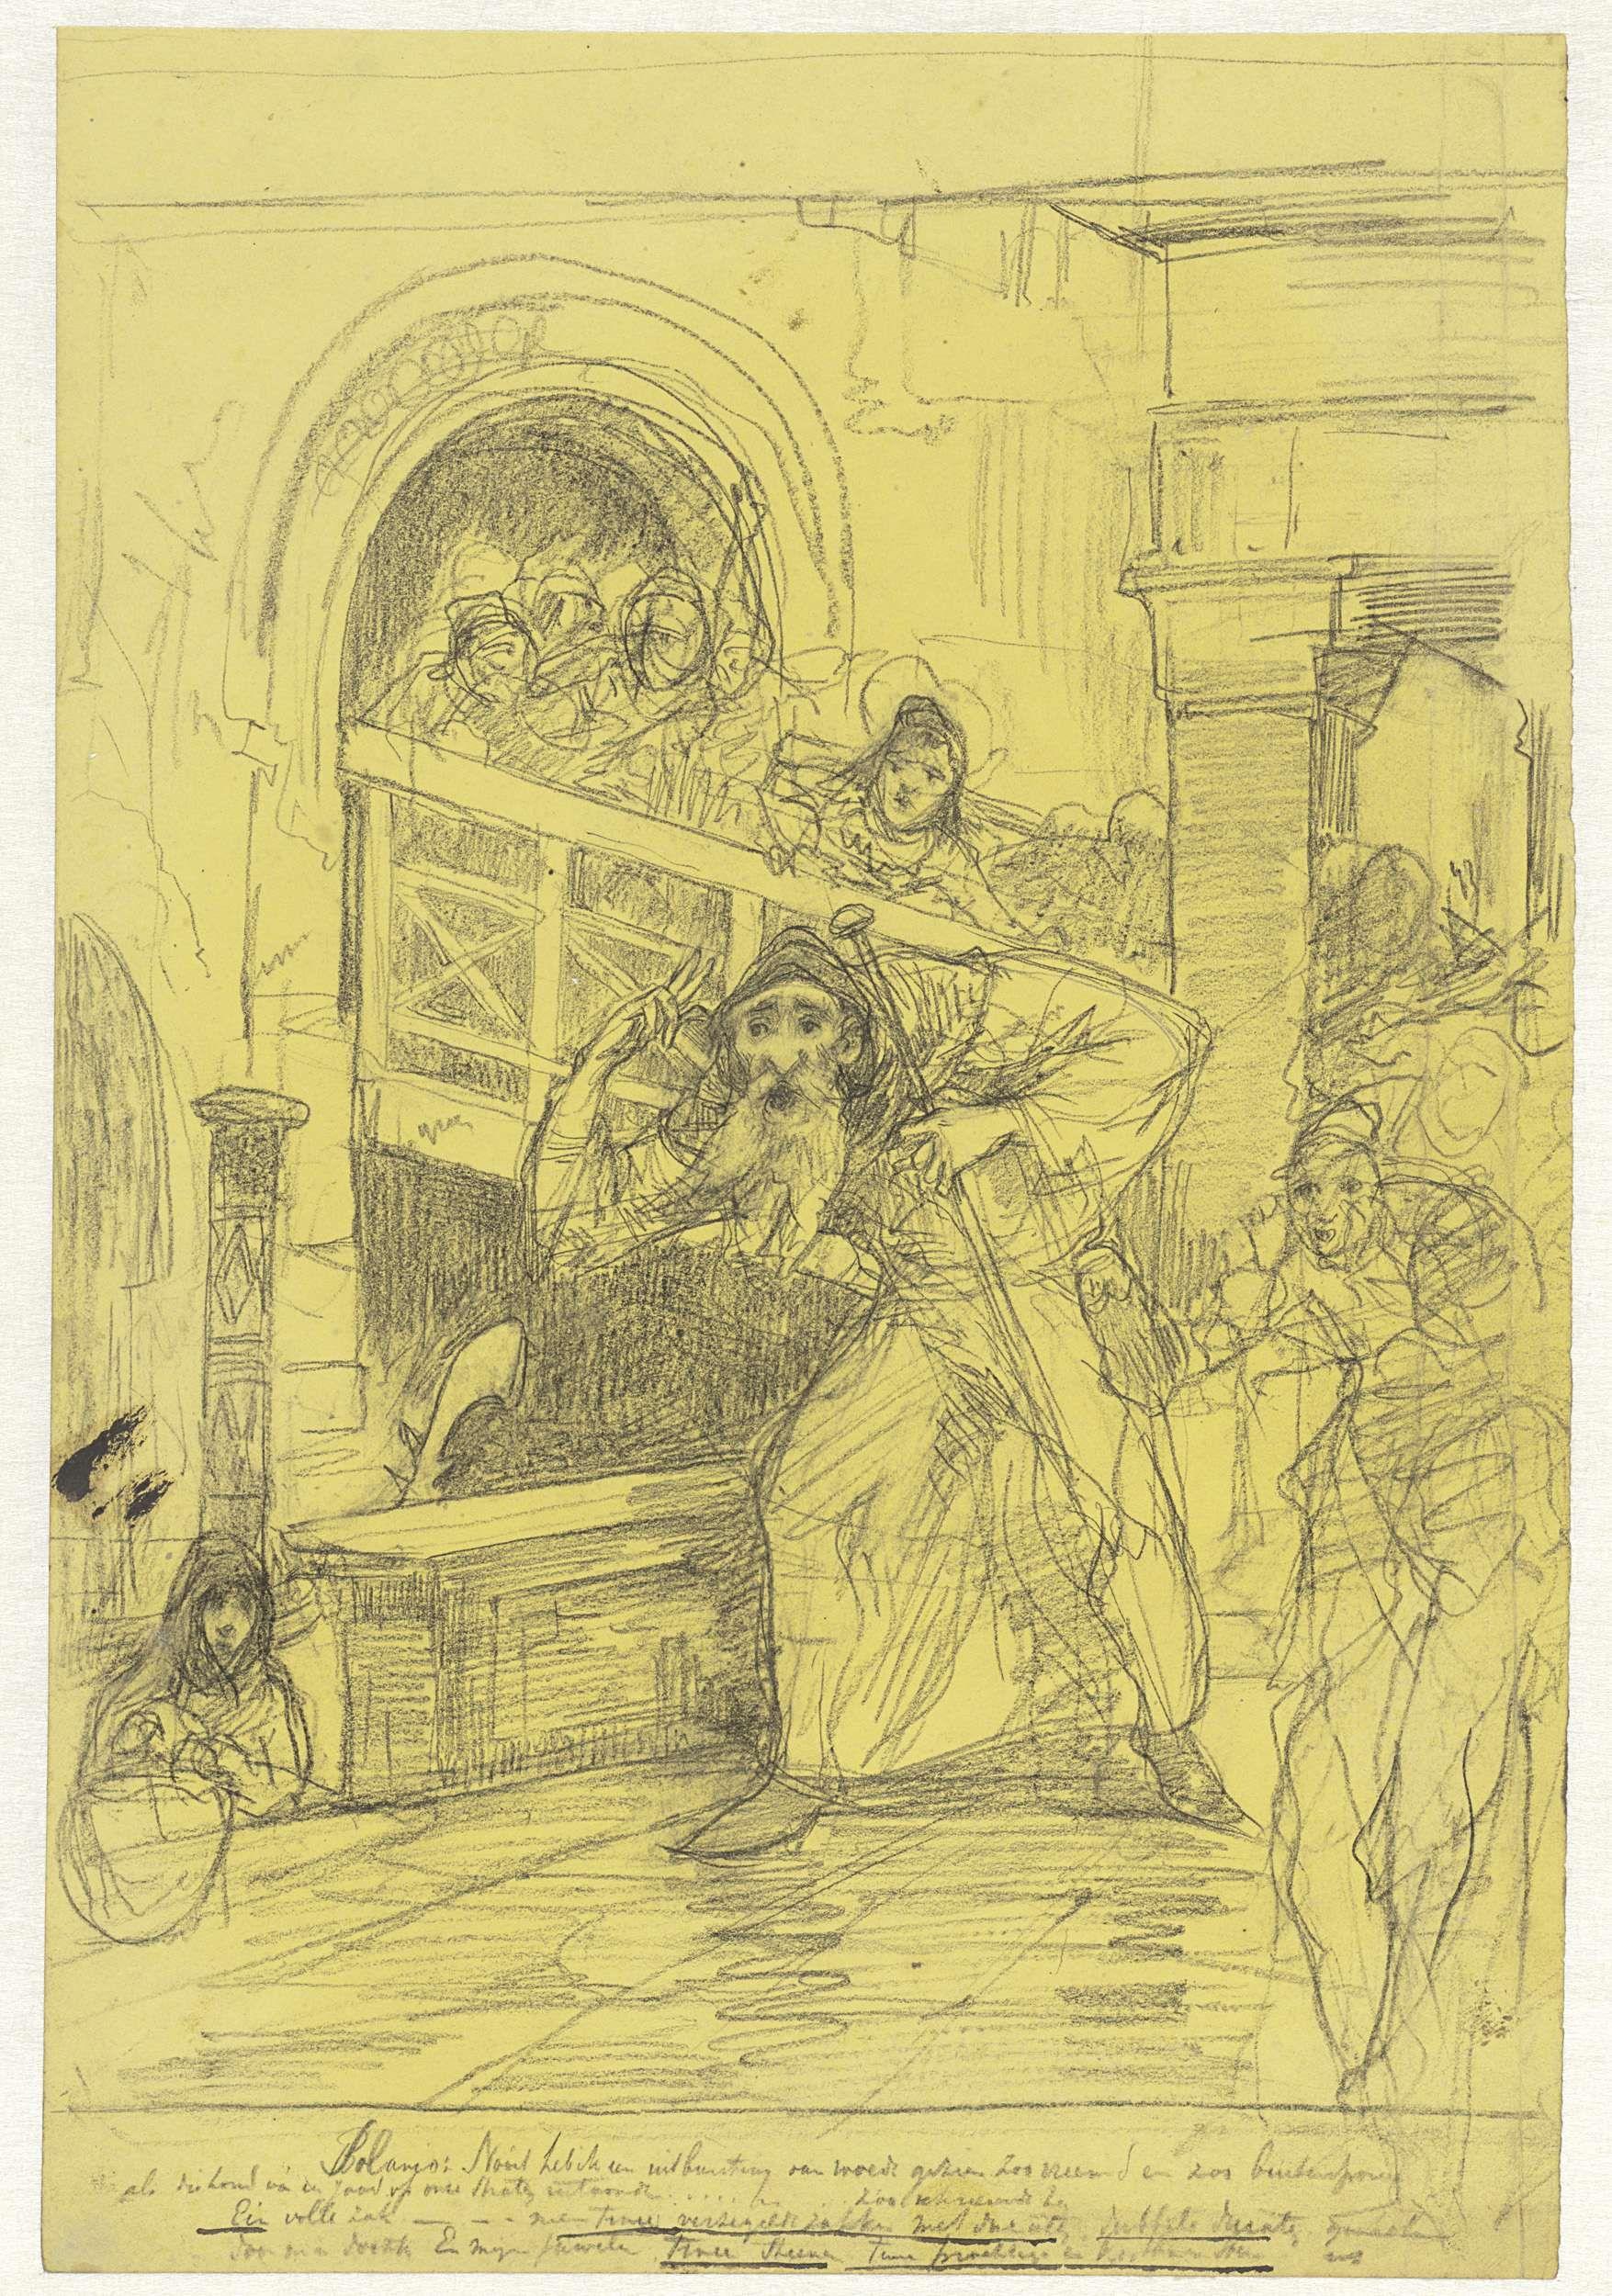 Jac van Looij | De jood Shylock, lopend door de straten, Jac van Looij, 1865 - 1930 |